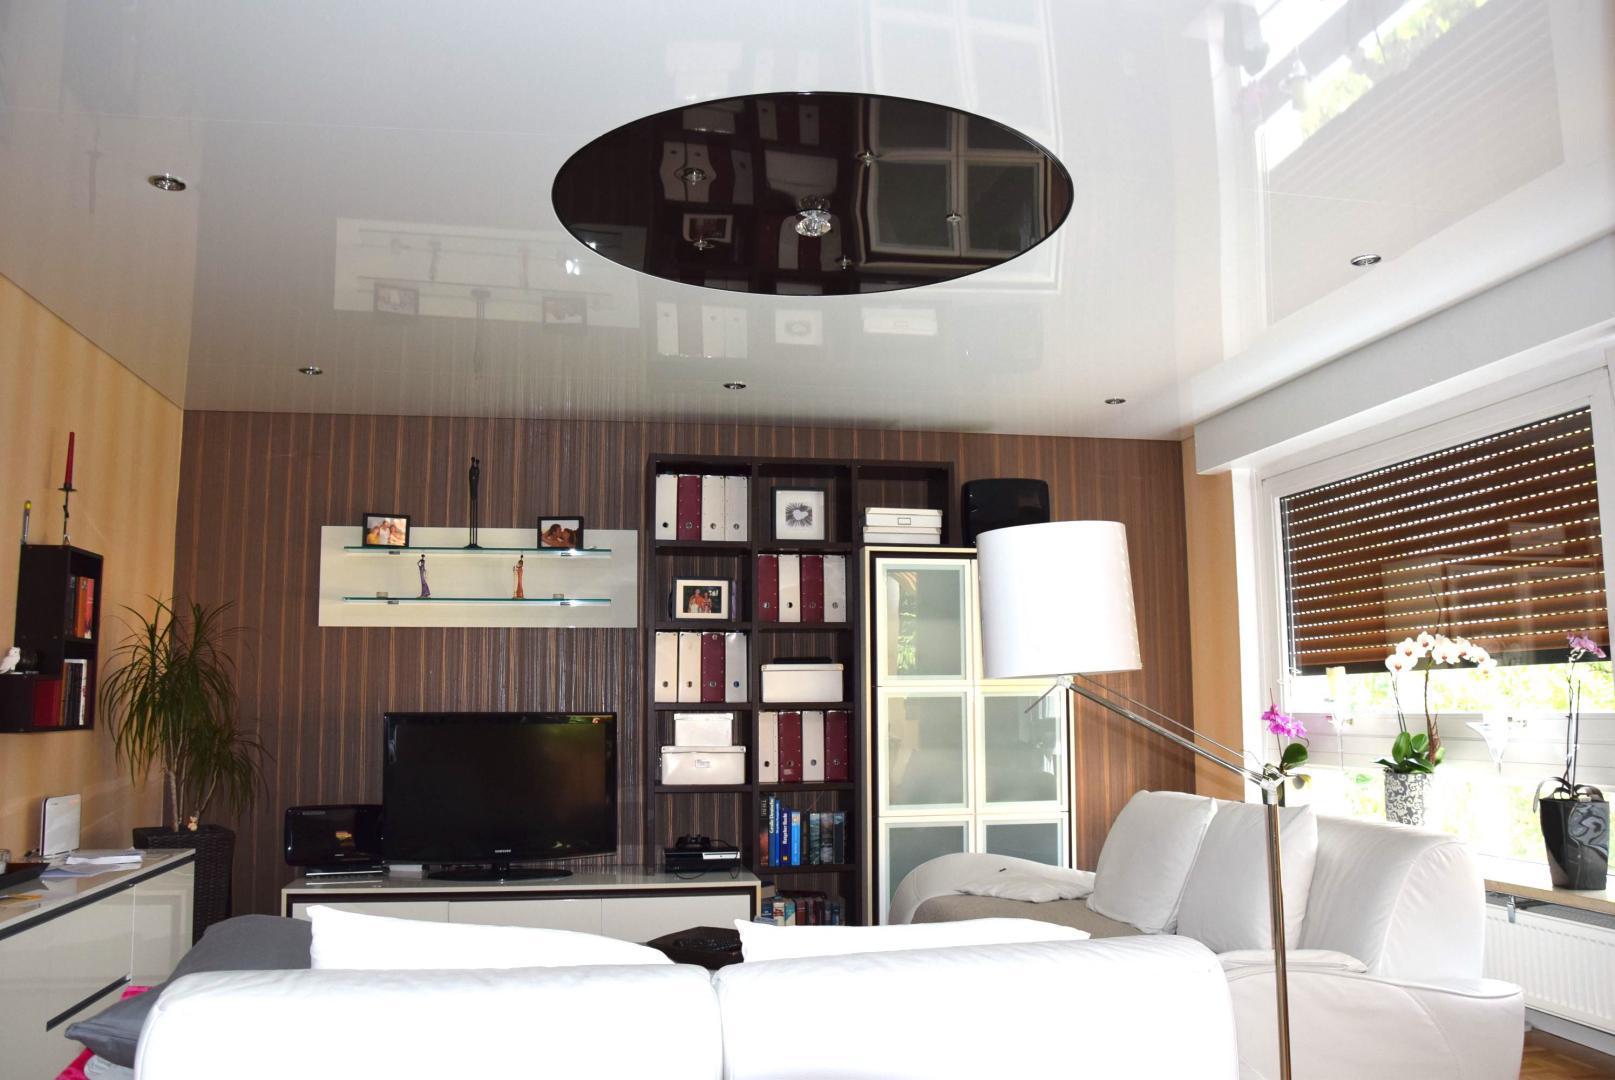 Full Size of Decke Gestalten Neue Raumdecken In Nur Einem Tag Badezimmer Deckenleuchte Wohnzimmer Led Tagesdecke Bett Deckenlampen Modern Deckenleuchten Küche Für Wohnzimmer Decke Gestalten